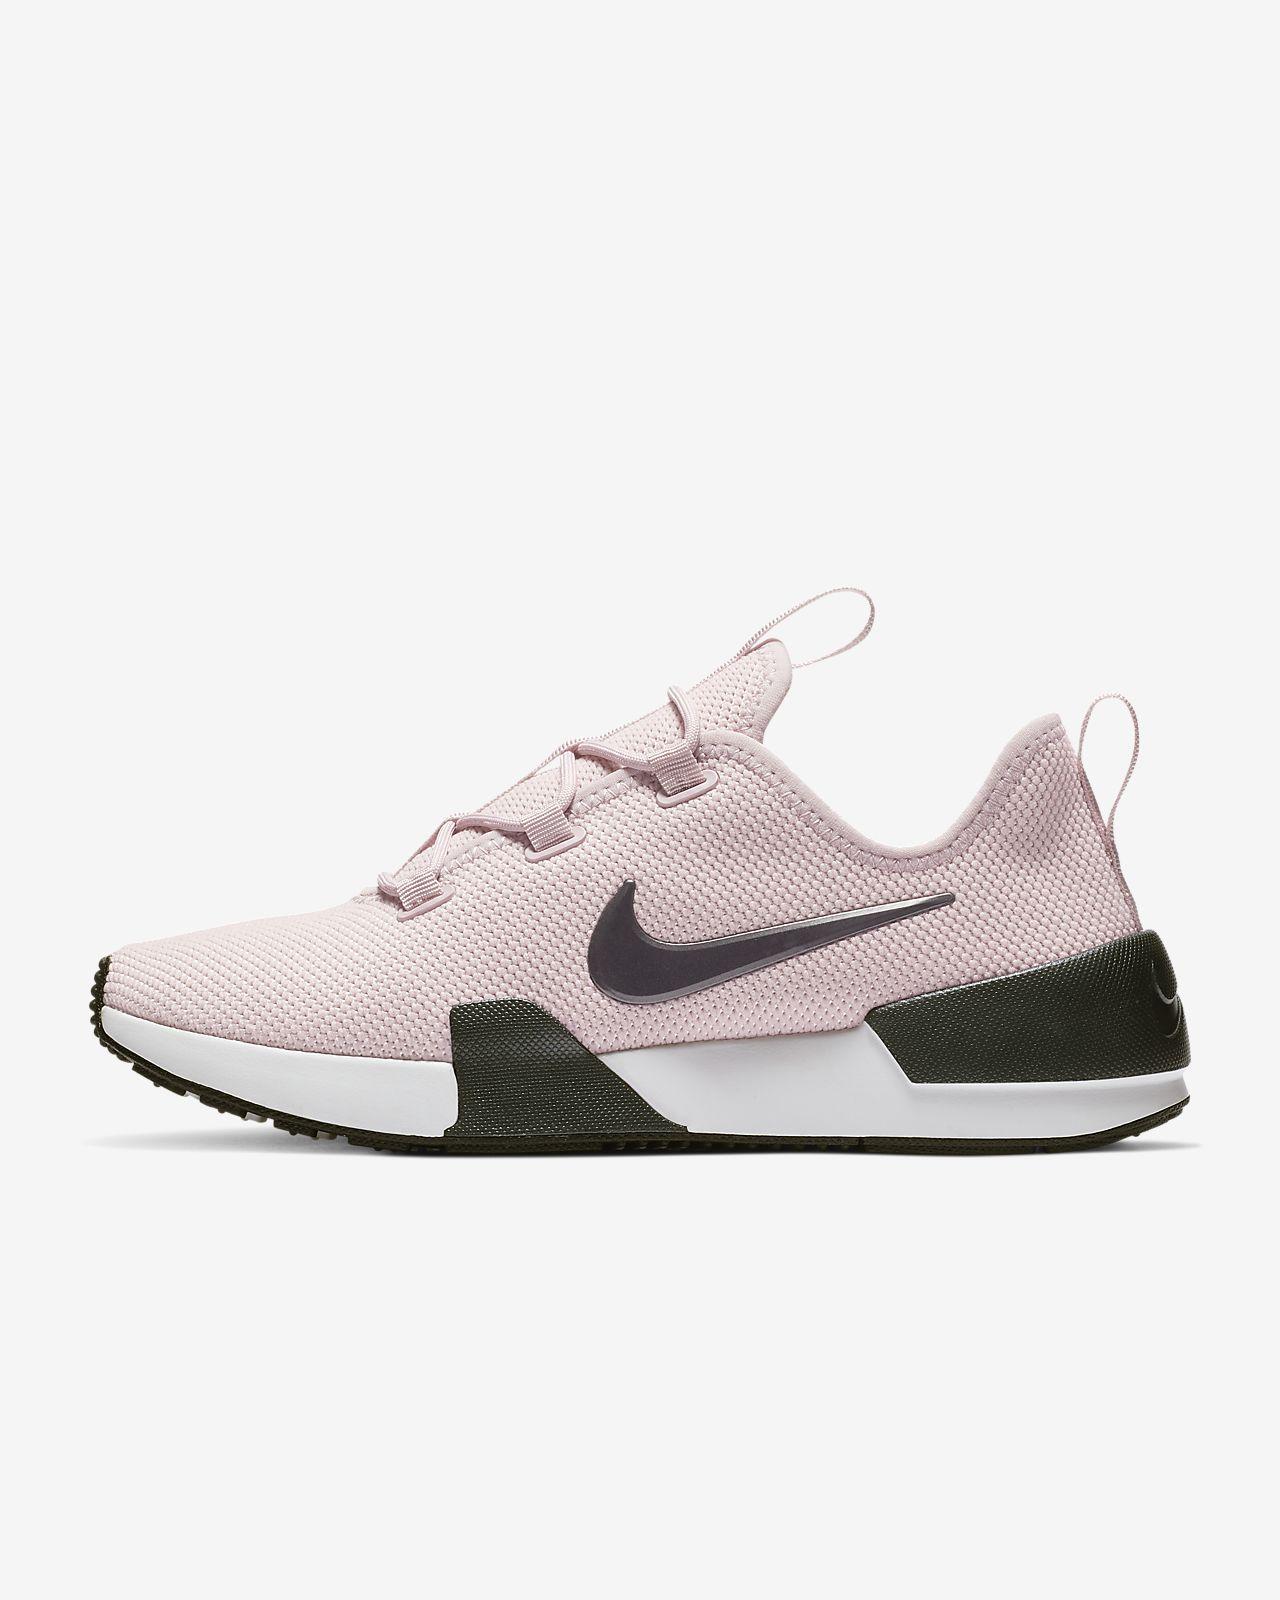 b2e2a200cd76 Nike Ashin Modern Premium Women s Shoe. Nike.com SG